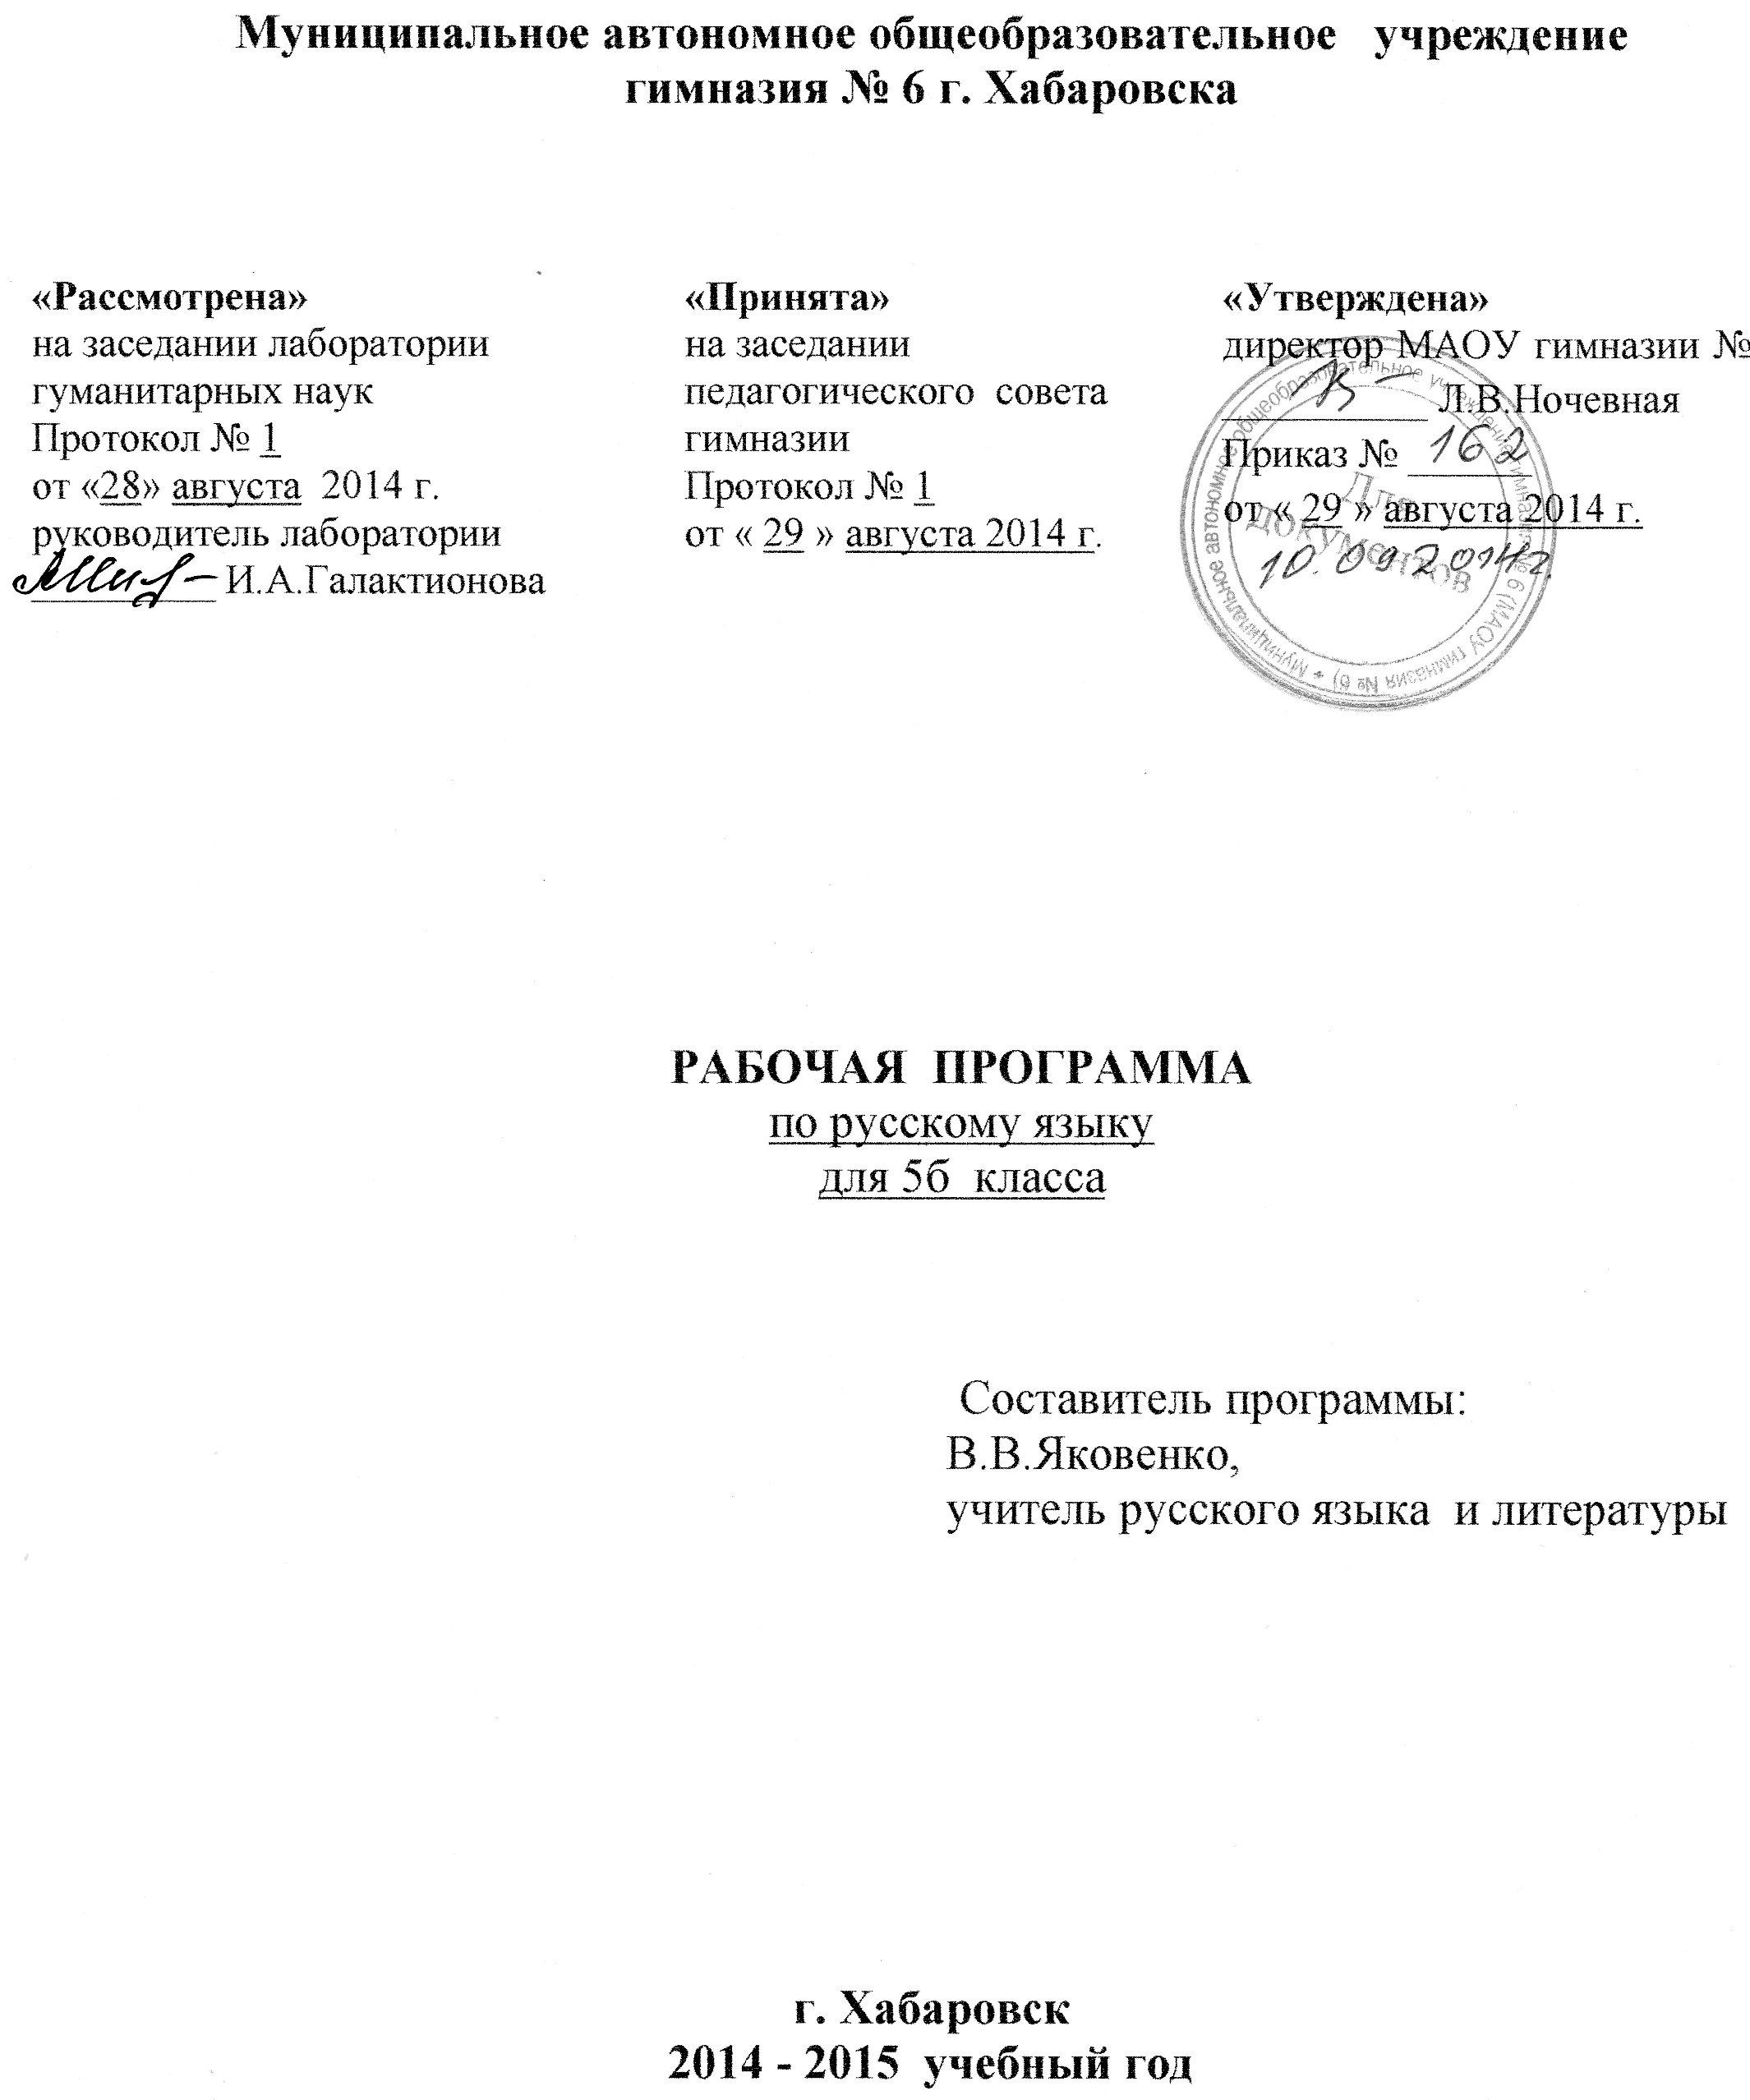 Конмпект урока по русскому языку фгос 5 класс